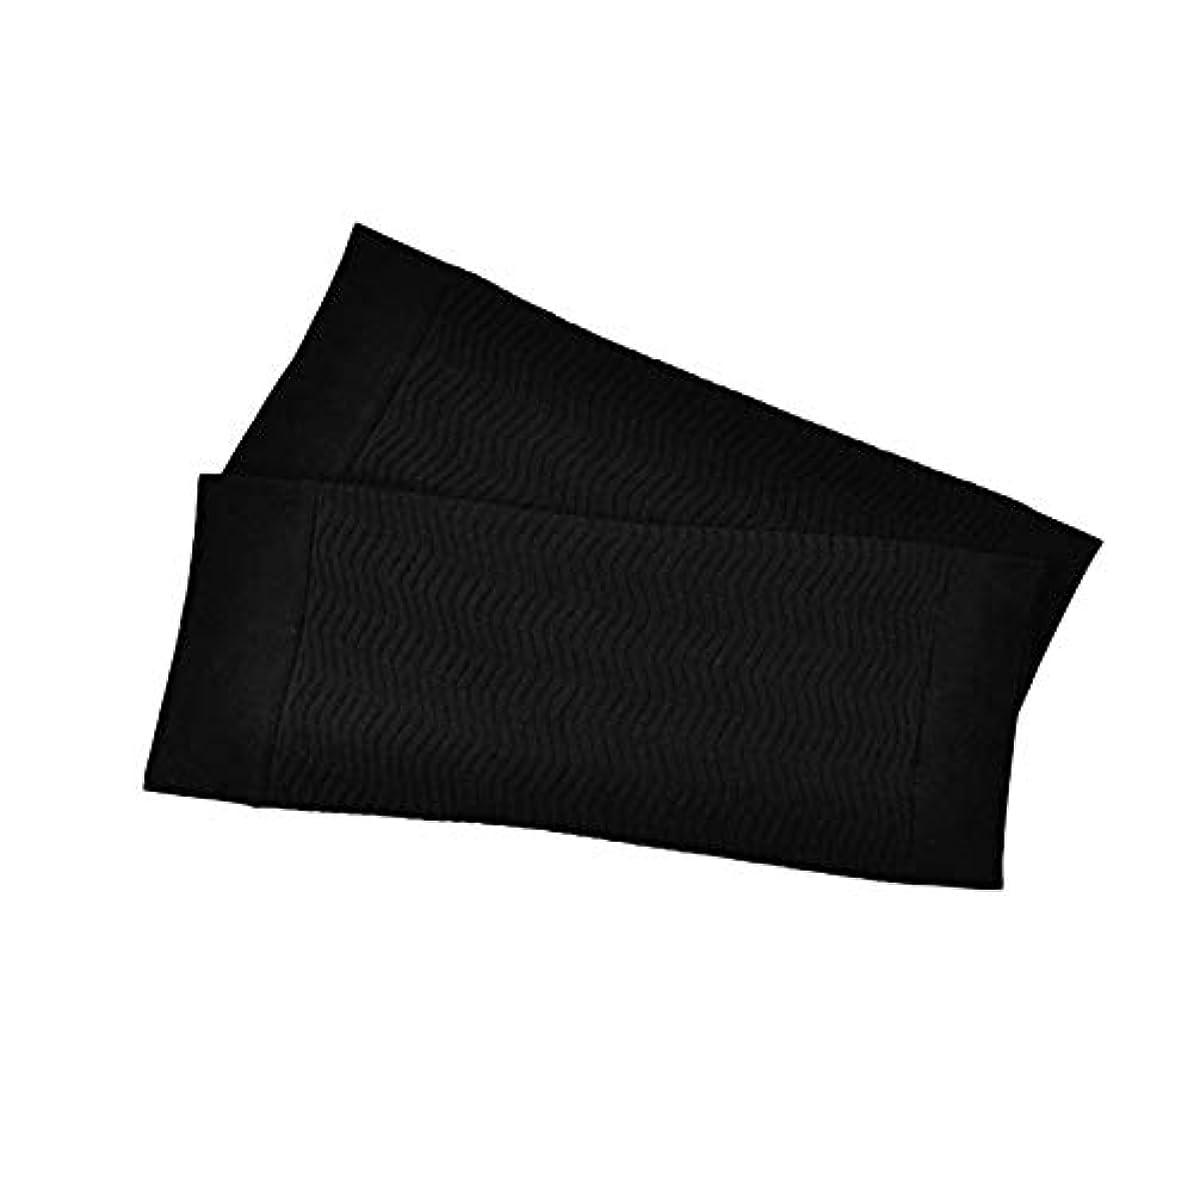 膨張する乱暴な守銭奴1ペア680 d圧縮アームシェイパーワークアウトトーニングバーンセルライト痩身アームスリーブ脂肪燃焼半袖用女性(Color:black)